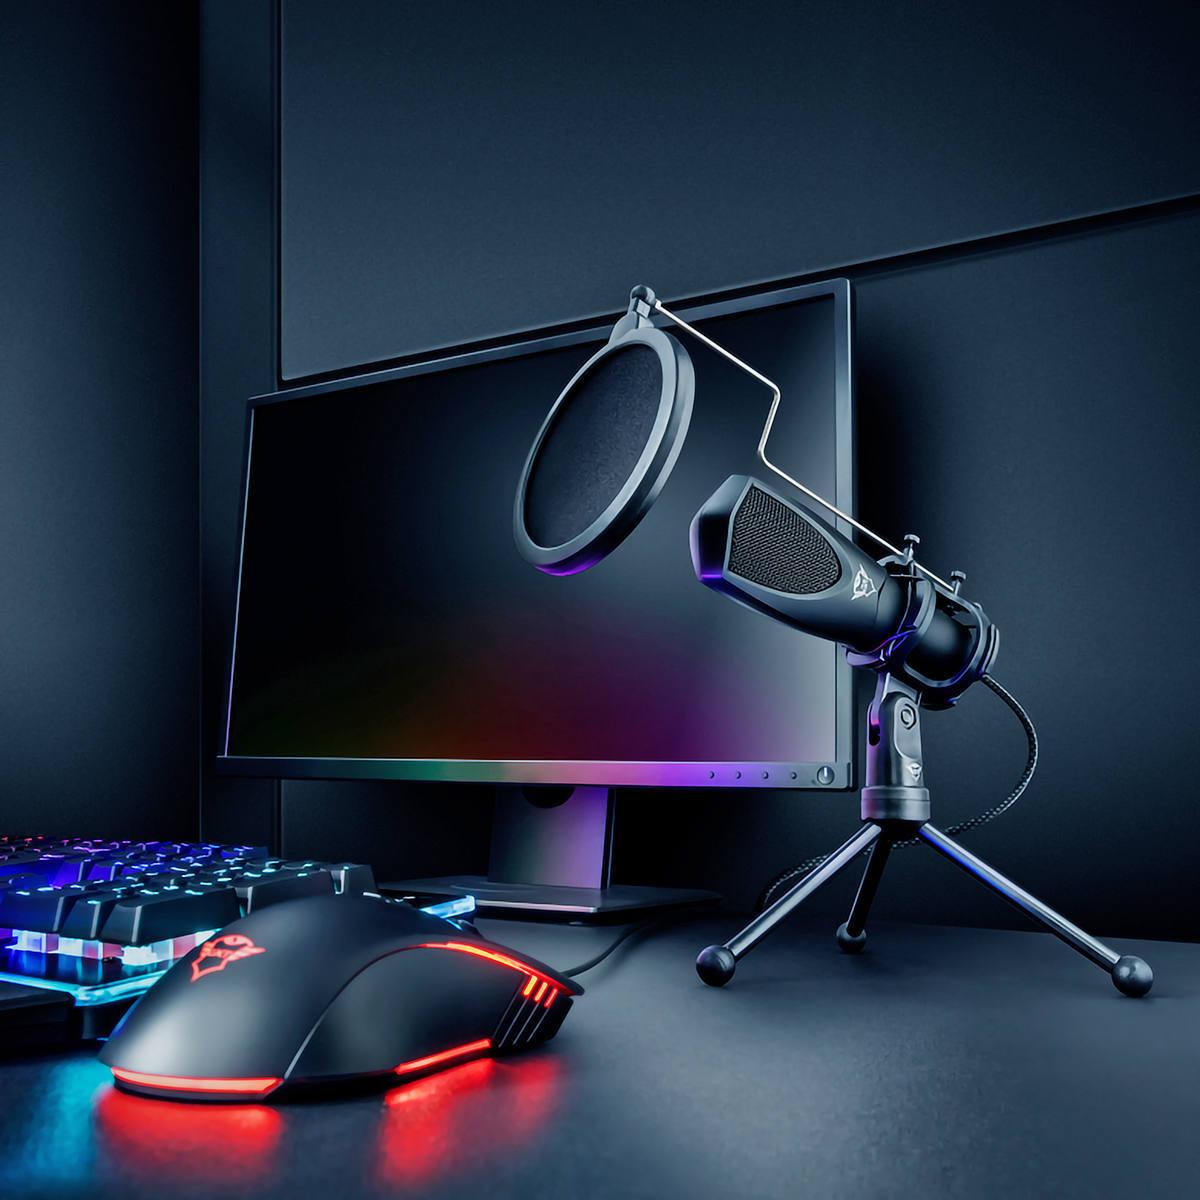 Microfone Mantis para Streaming Twitch Podcast Vlog com Tripé Ângulo Ajustável Cabo USB 1.5m Trust GXT 232